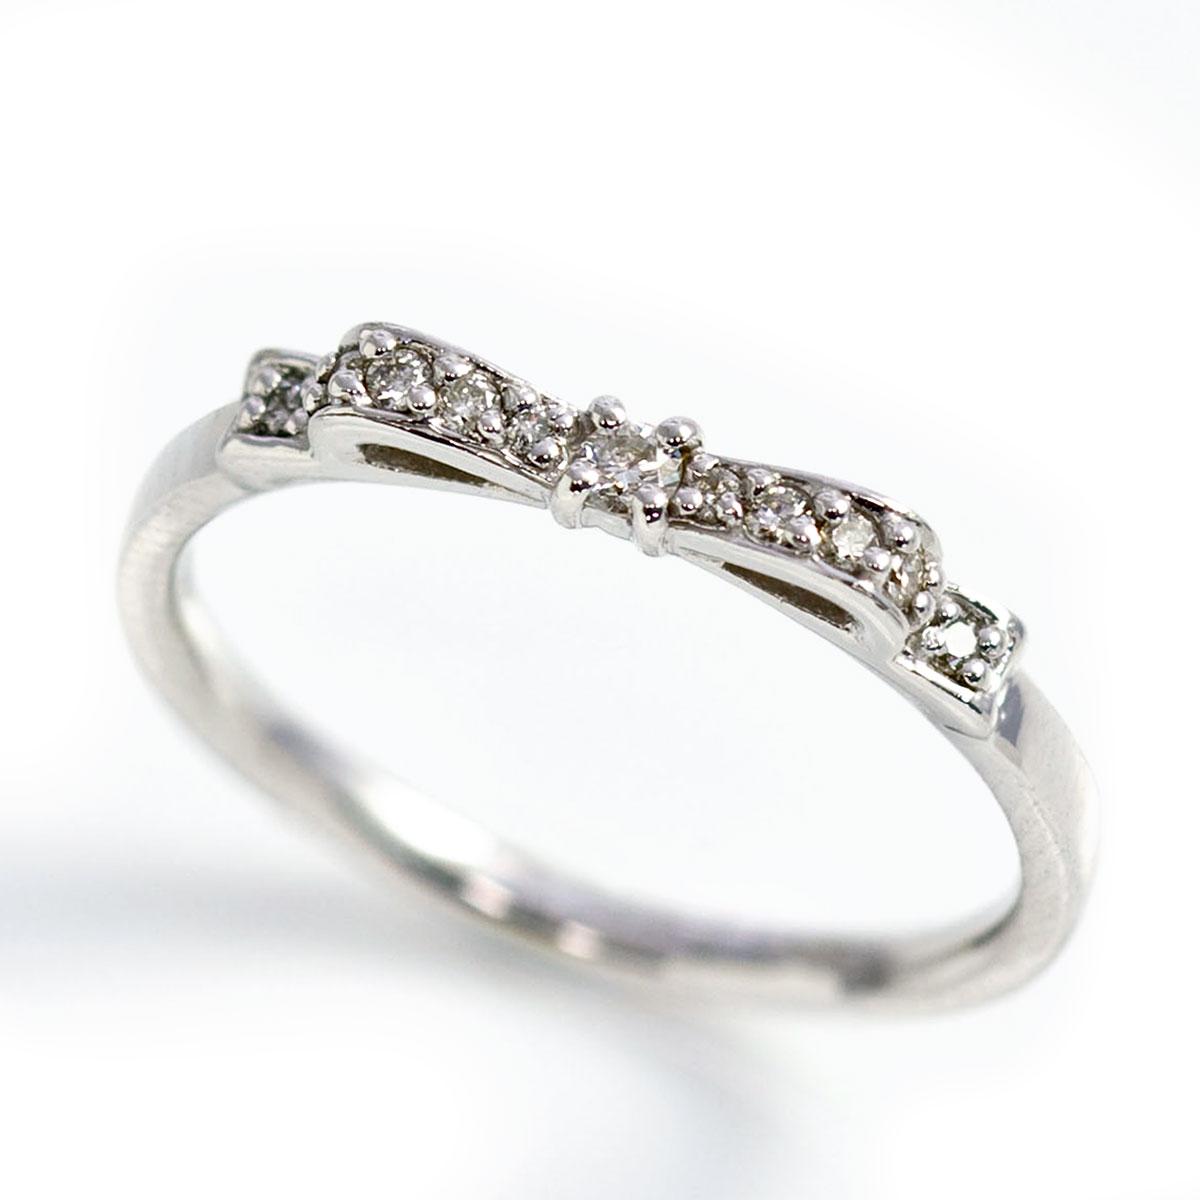 ピンキーリング 4月誕生石 ダイヤモンド0.08ct リボン ピンキーリング(指輪) 【K10ホワイトゴールド(K10/K18WG)/PG/YG】「シルヴィエ」【送料無料】 国産 日本製/製造オーダー品 約20日間納期